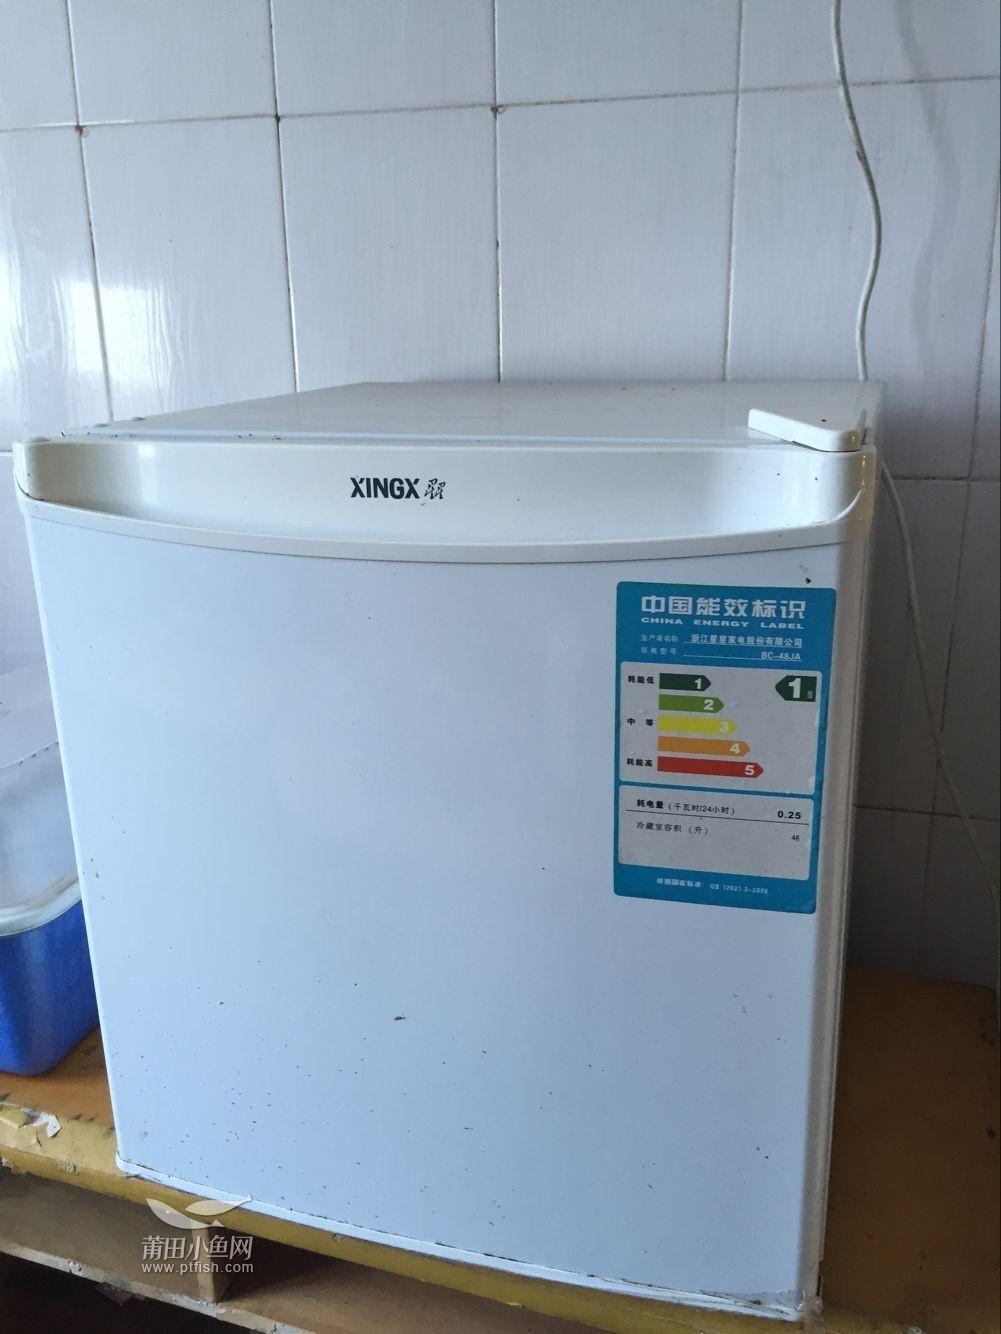 小冰箱 钢化玻璃橱柜等低价出售